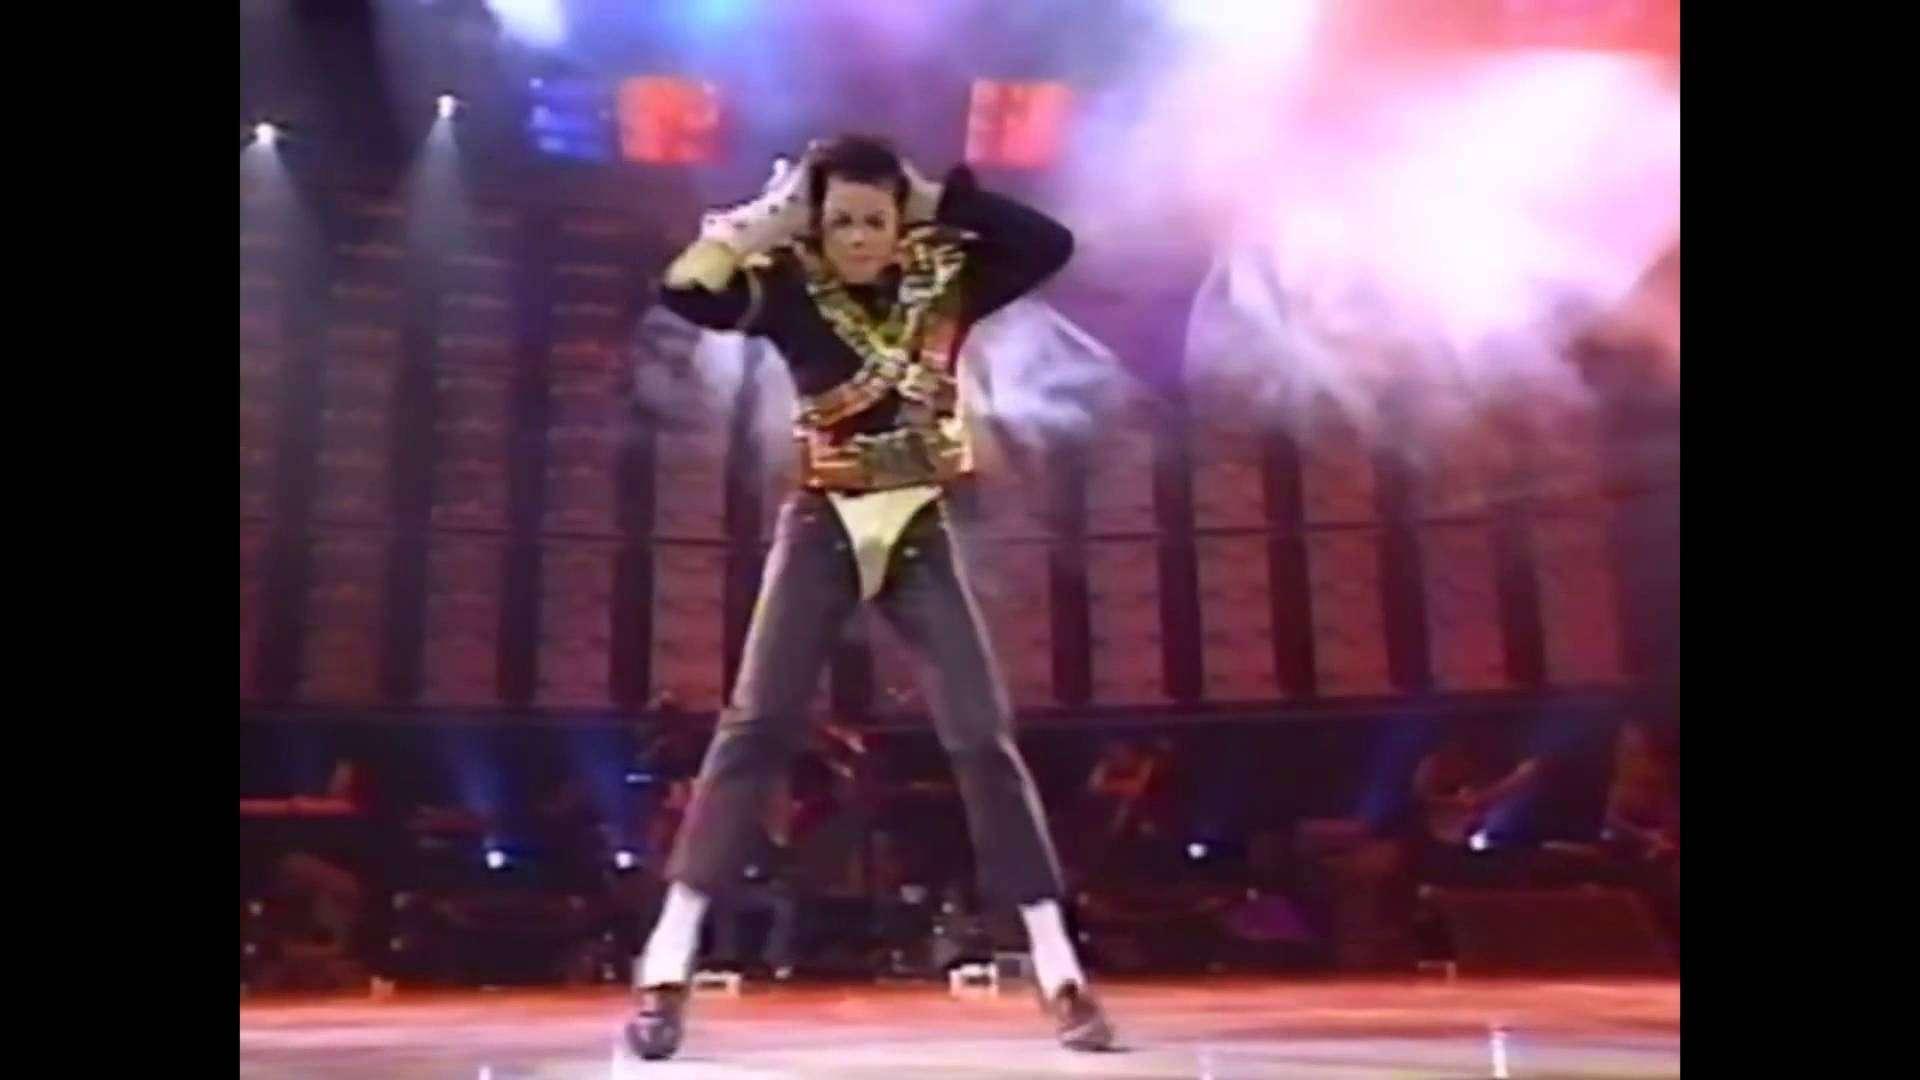 Michael Jackson Dangerous Tour Amazing Dance Moves - YouTube